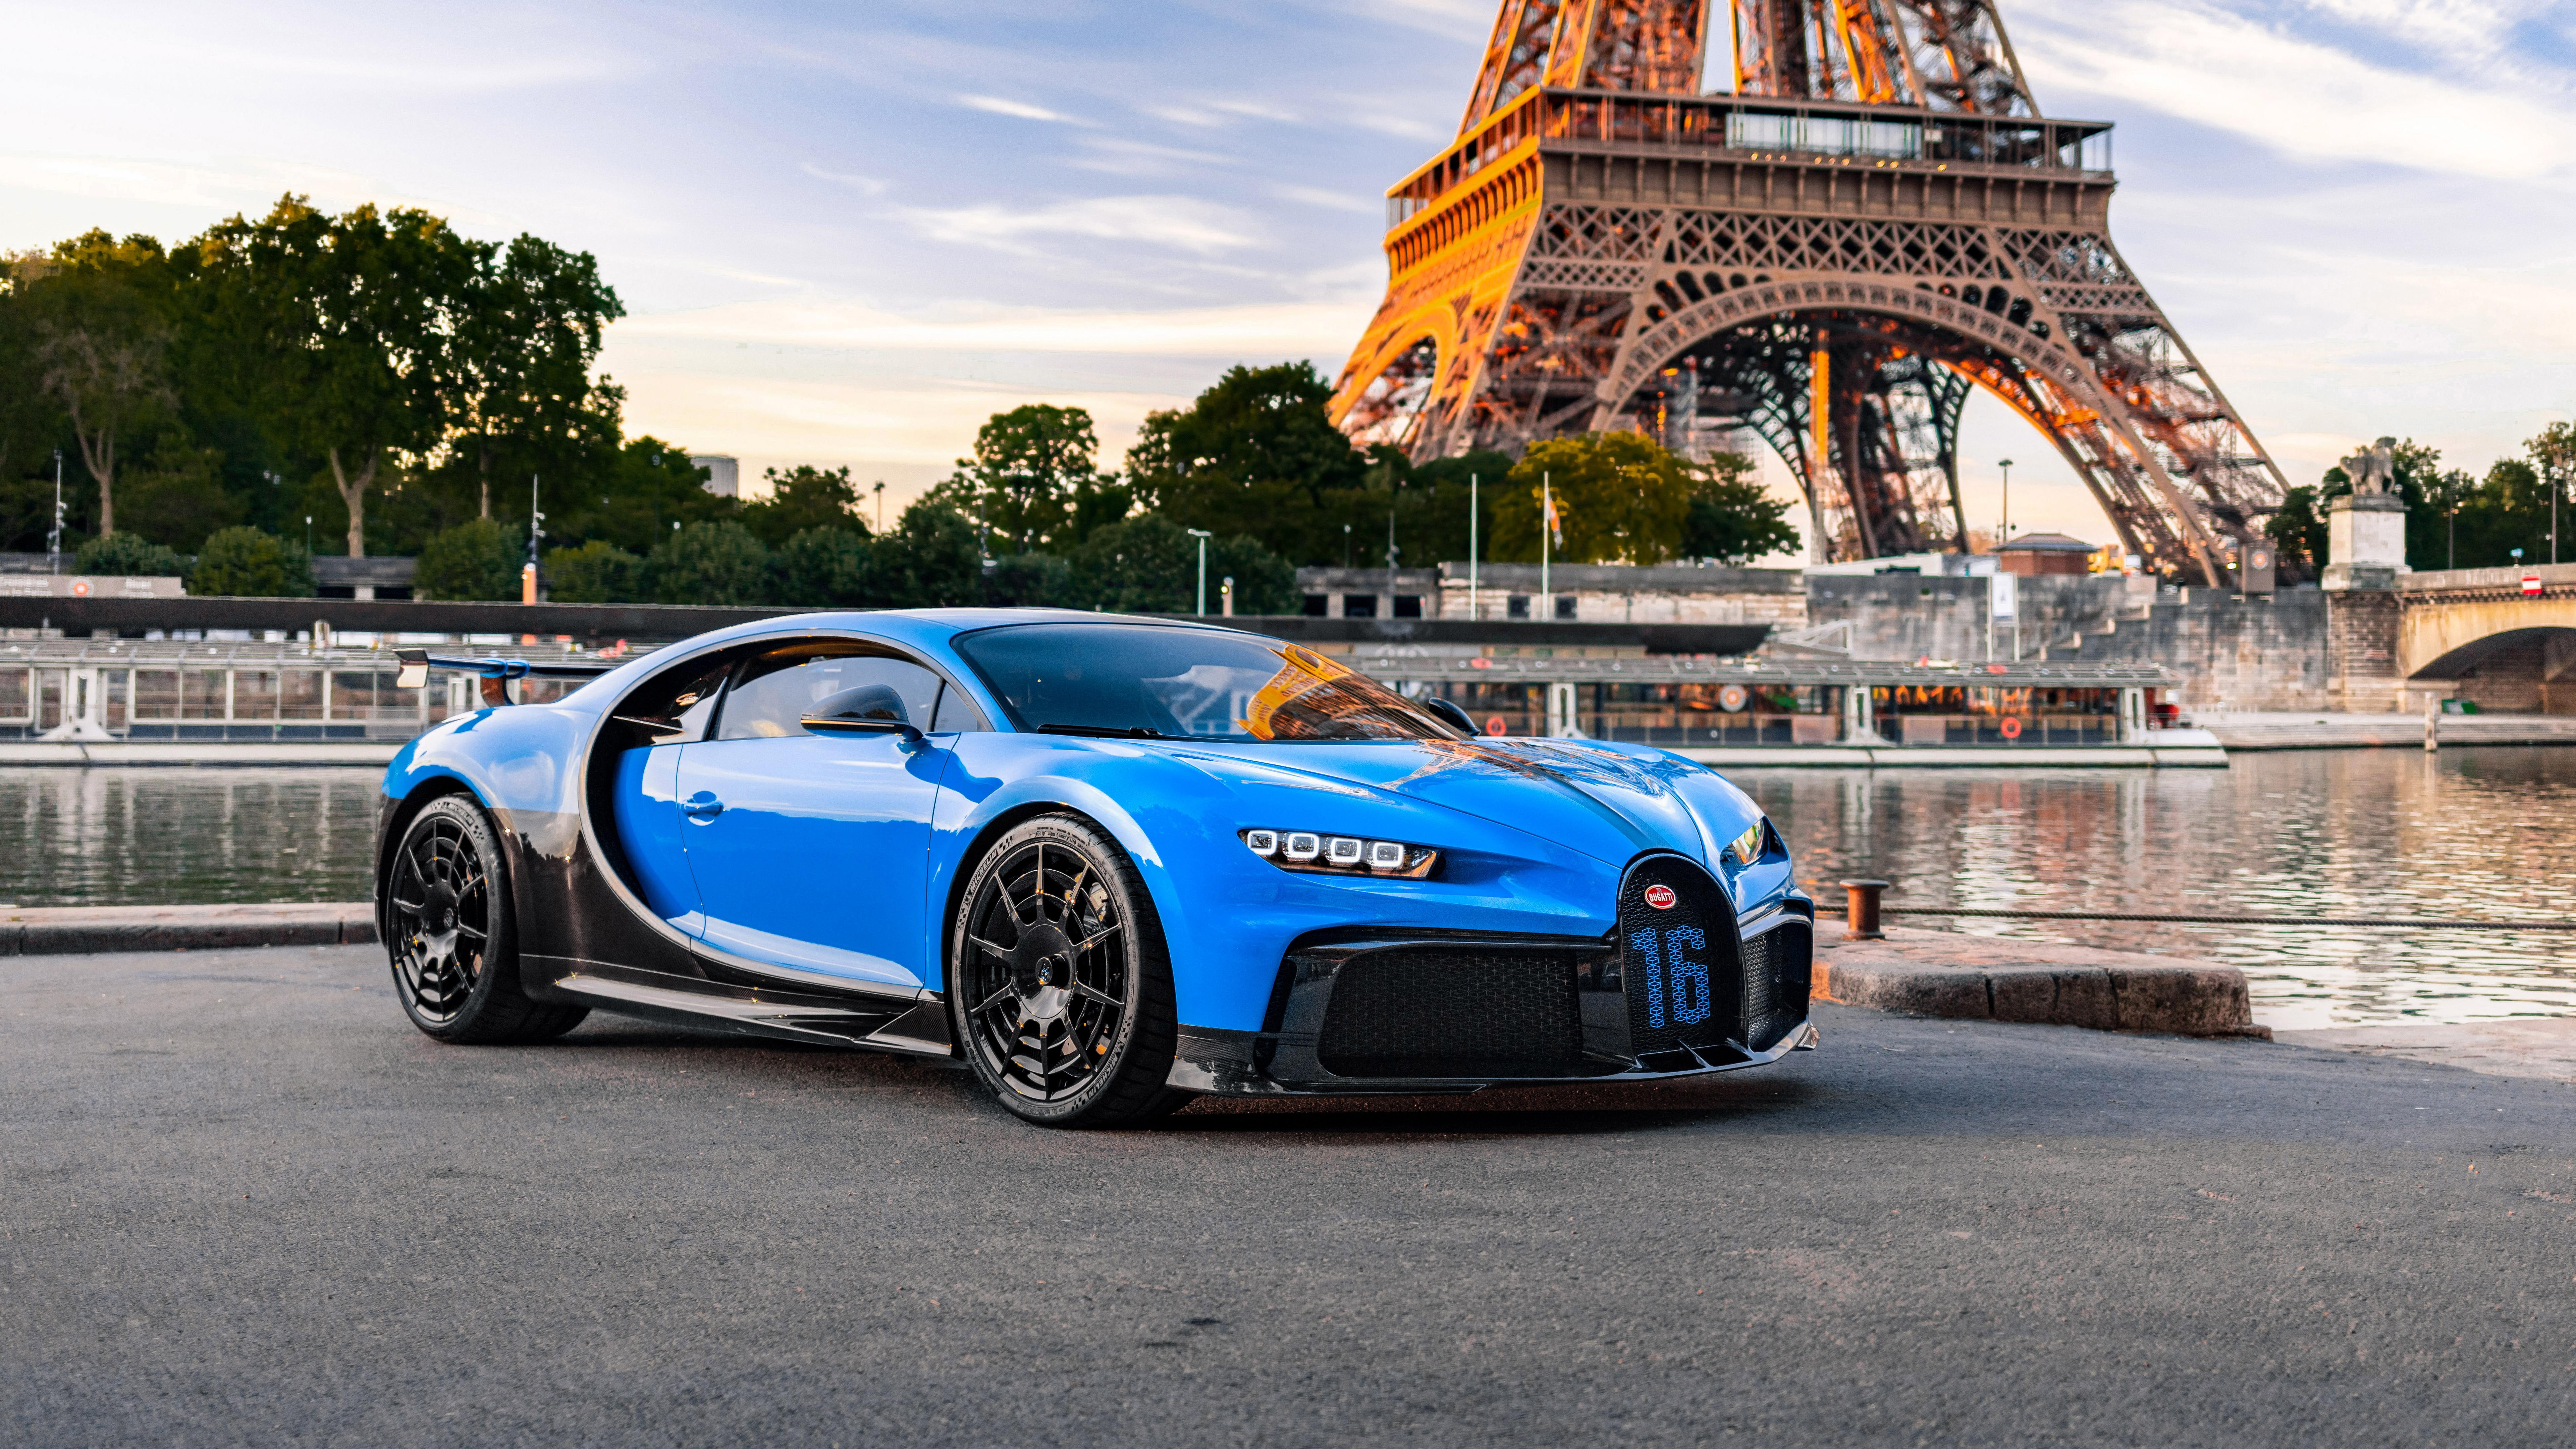 Bugatti Chiron Pur Sport 2020 4K 8K Wallpaper | HD Car ...